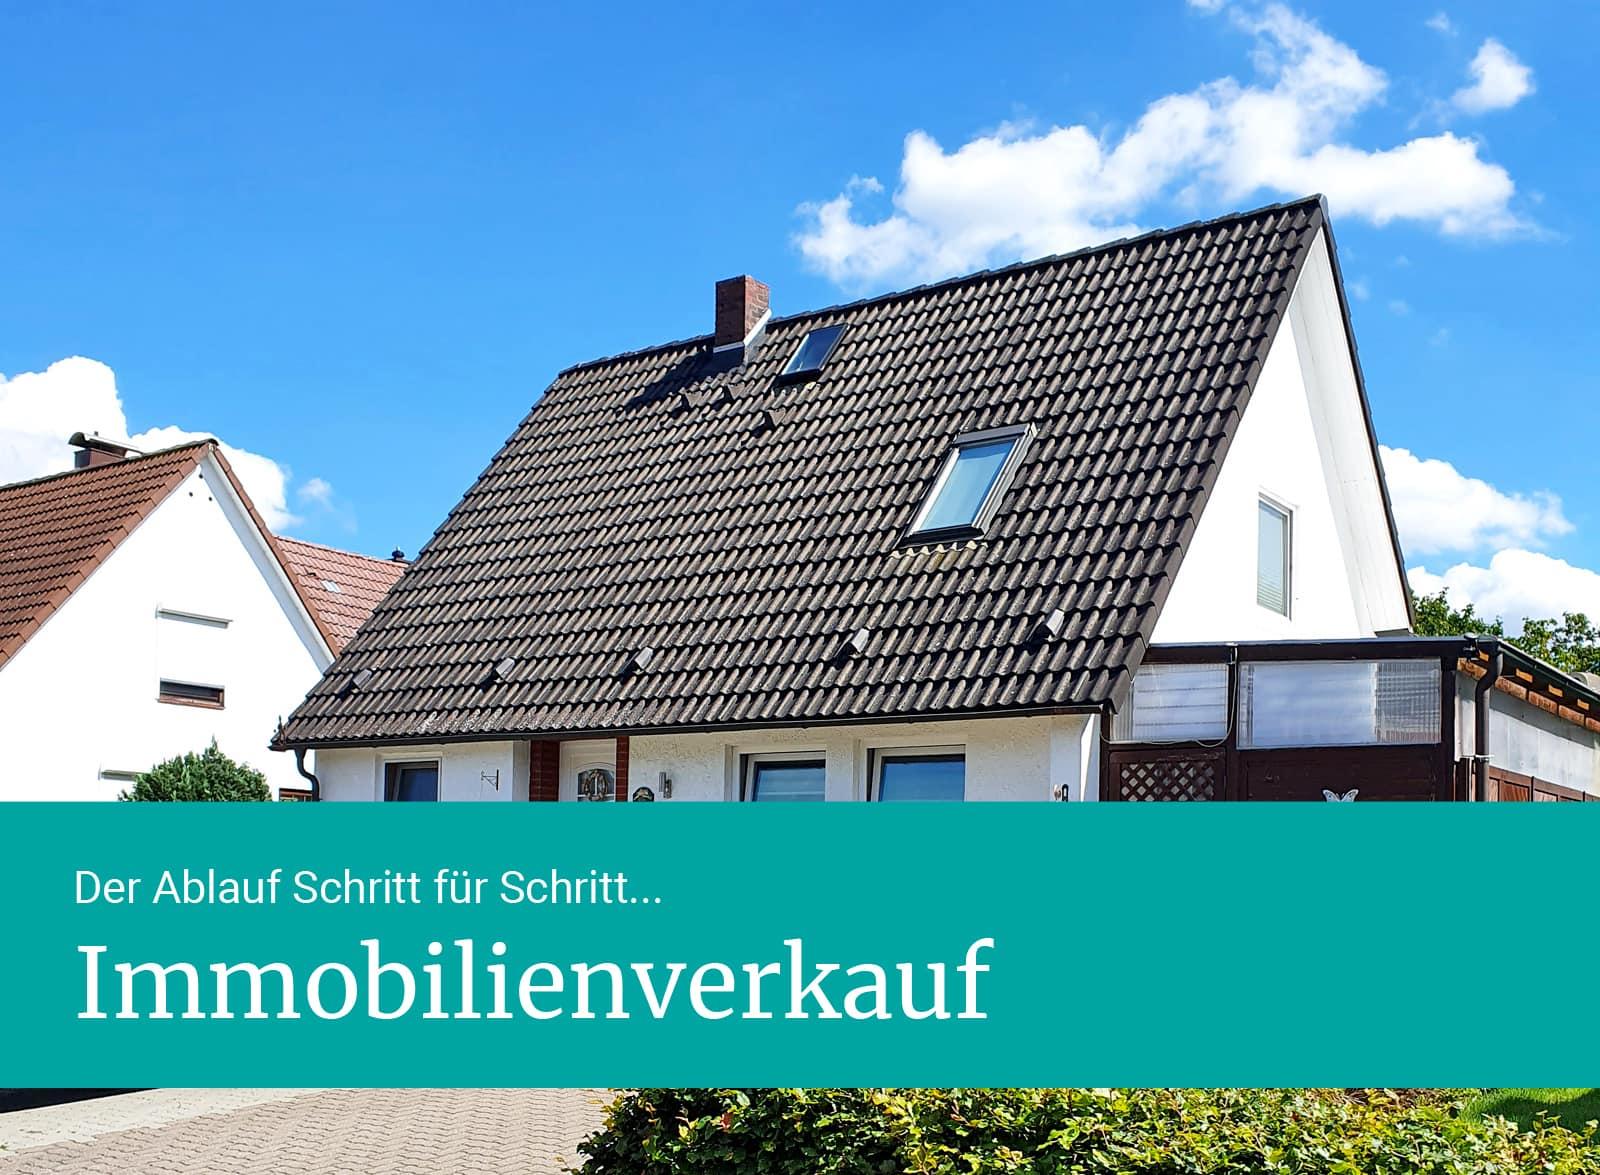 Immobilienverkauf: der Ablauf Schritt für Schritt